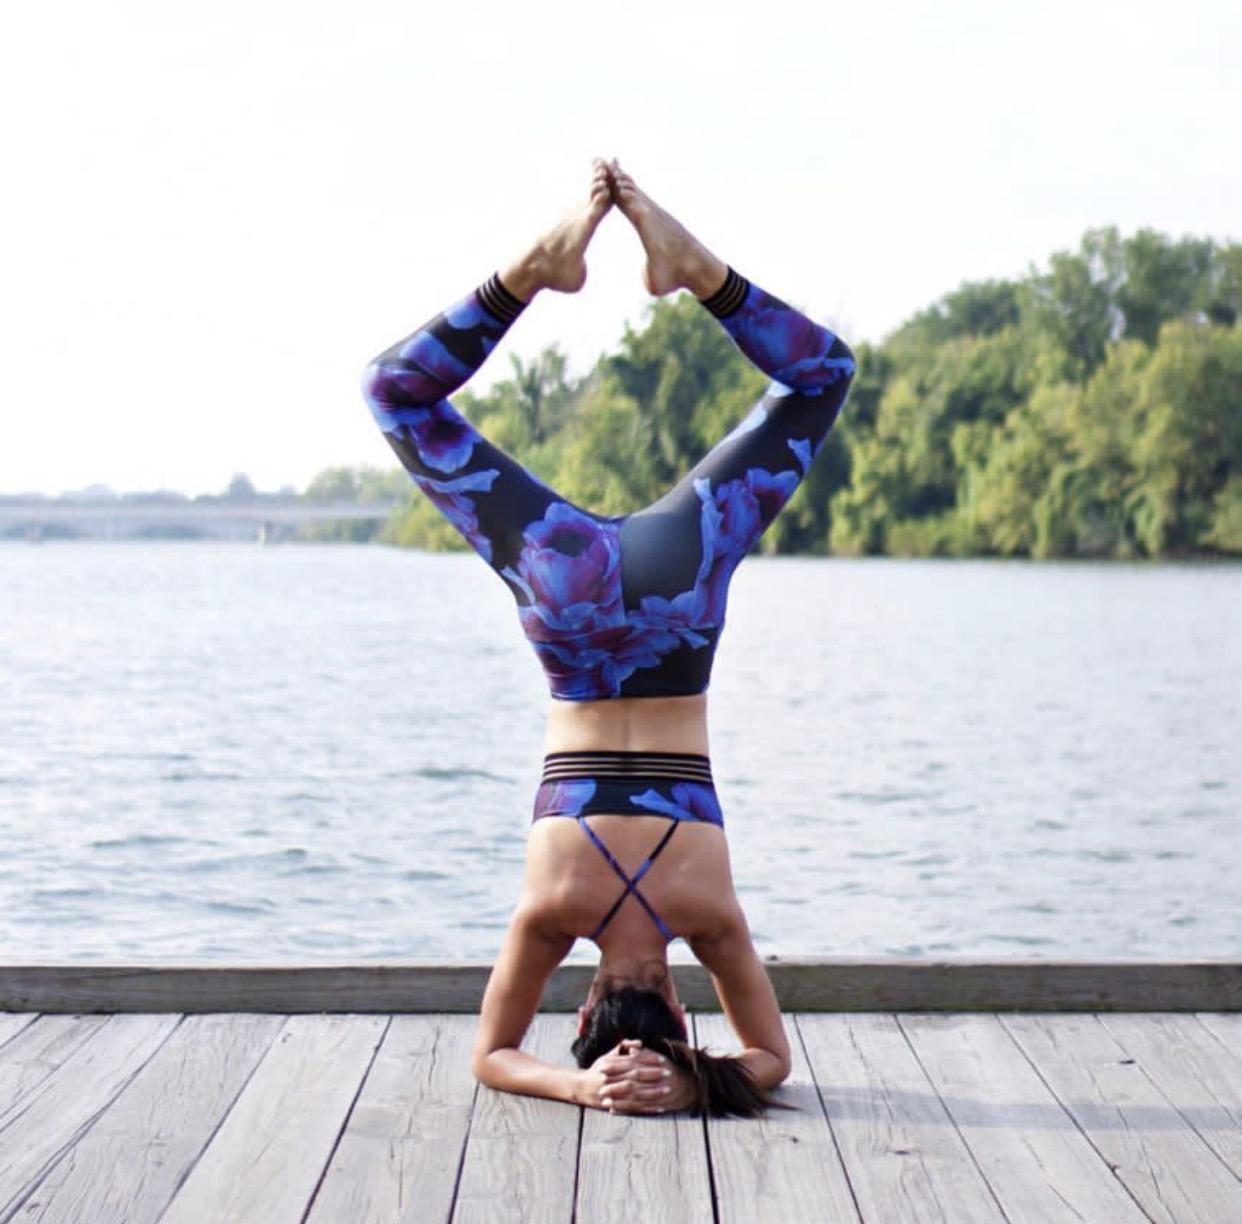 Асаны йоги: основные и усложненные упражнения для подтянутой фигуры и крепкого здоровья